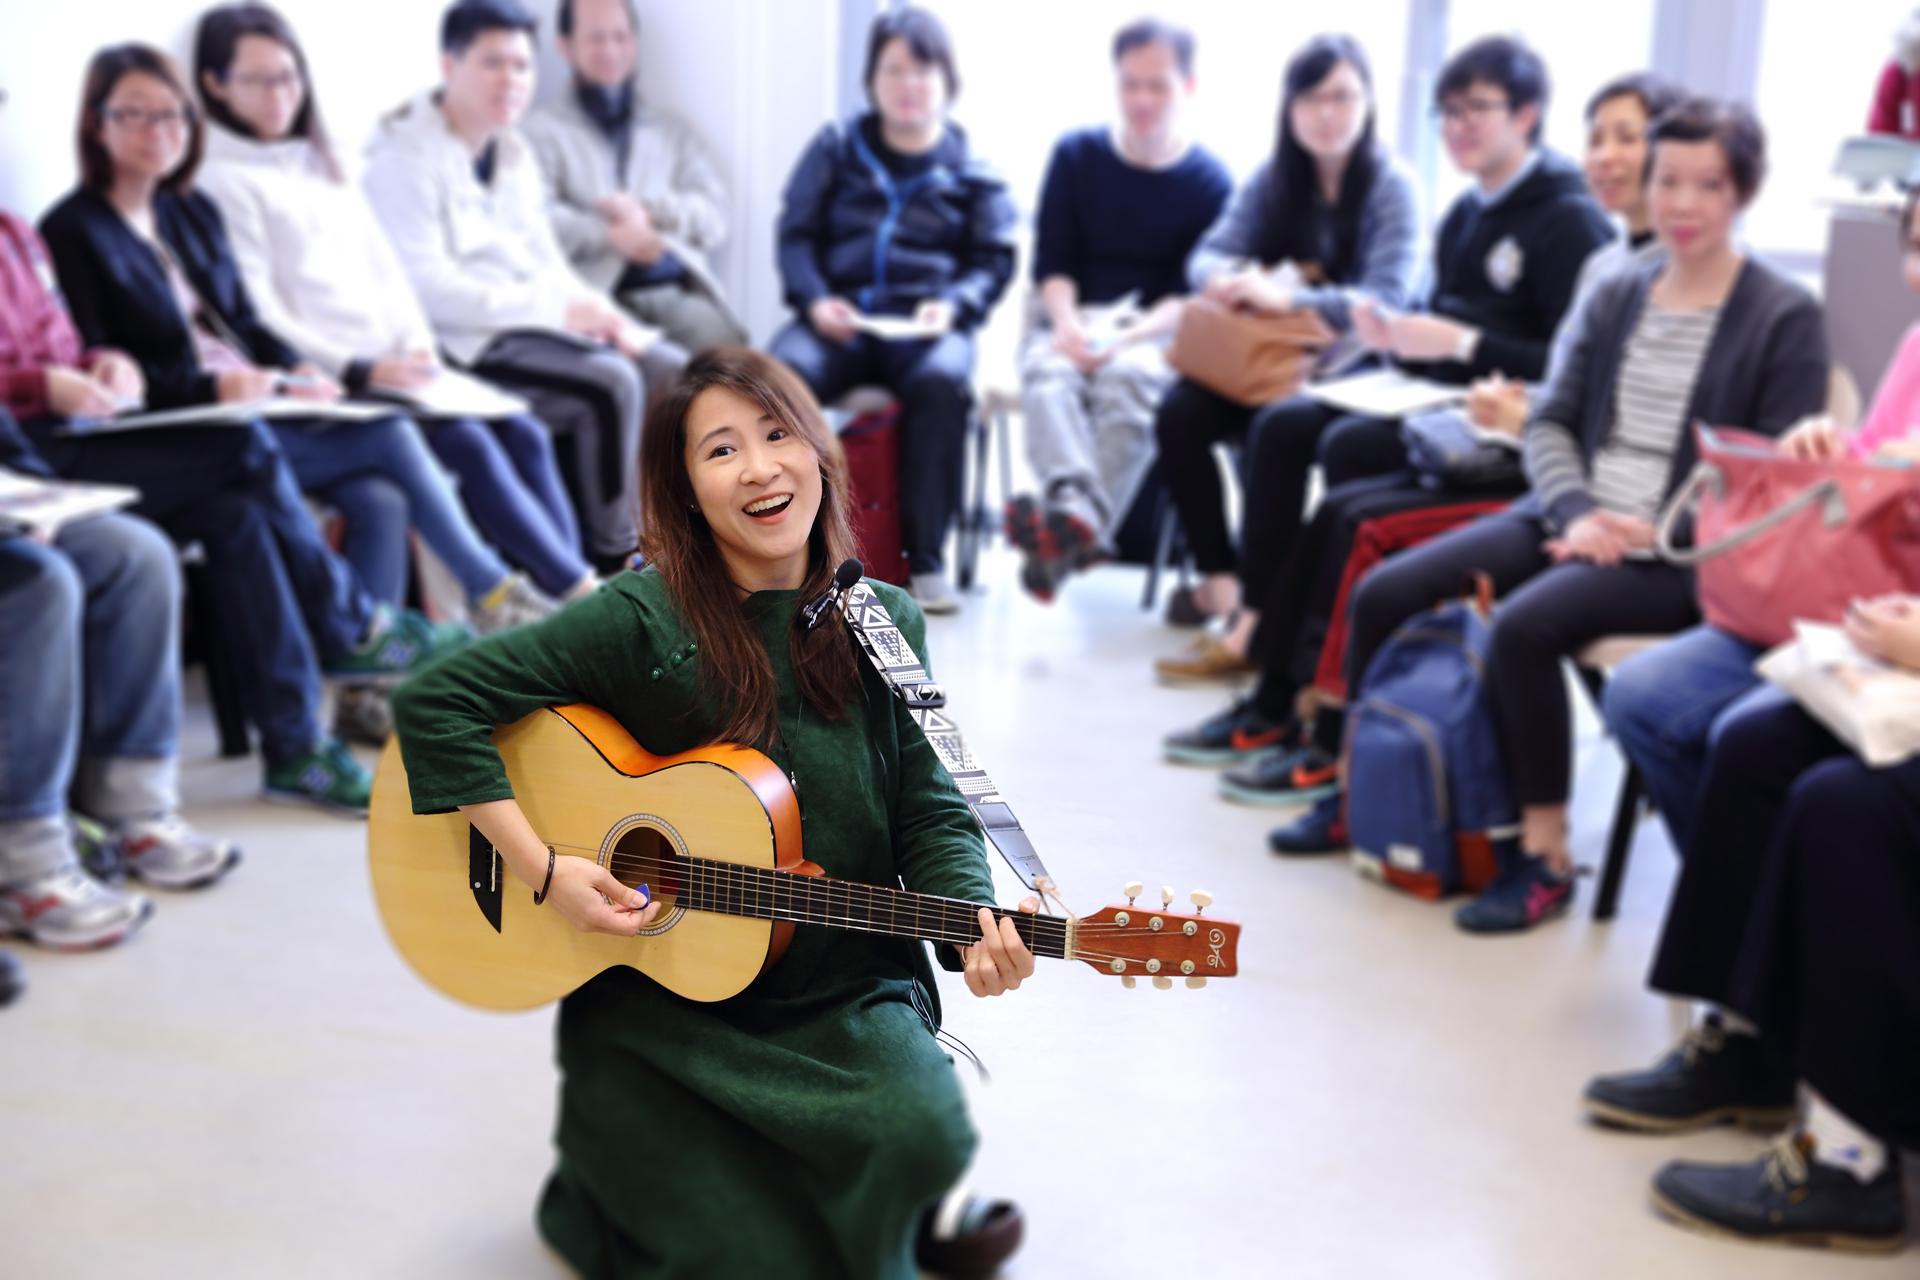 社區音樂工作坊是以多元素遊戲和練習——包括簡單畫畫、戲劇、動作等,讓參加